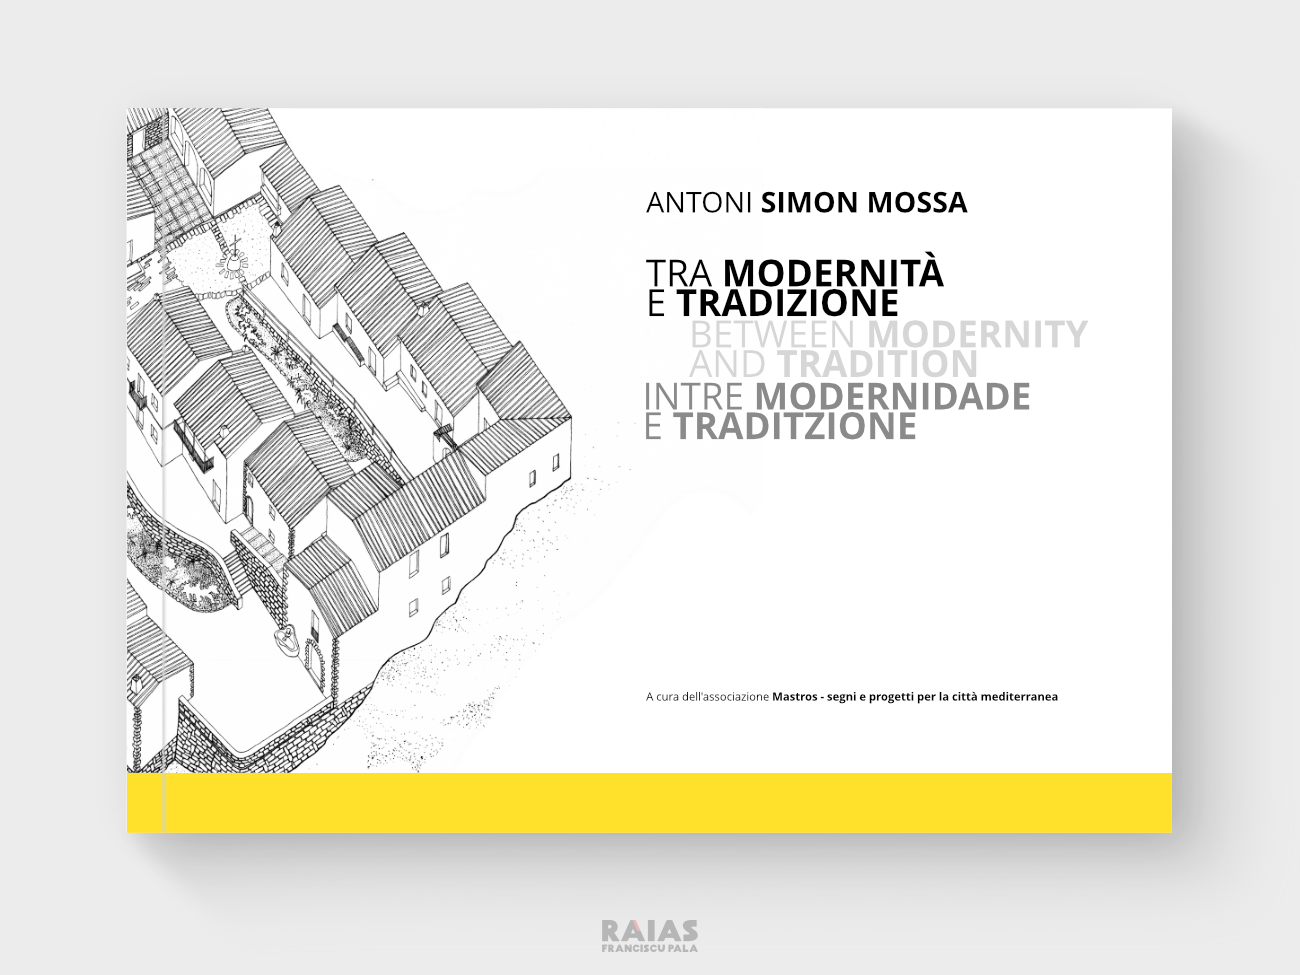 Copertina del catalogo della mostra su Antoni Simon Mossa - Raias Franciscu Pala